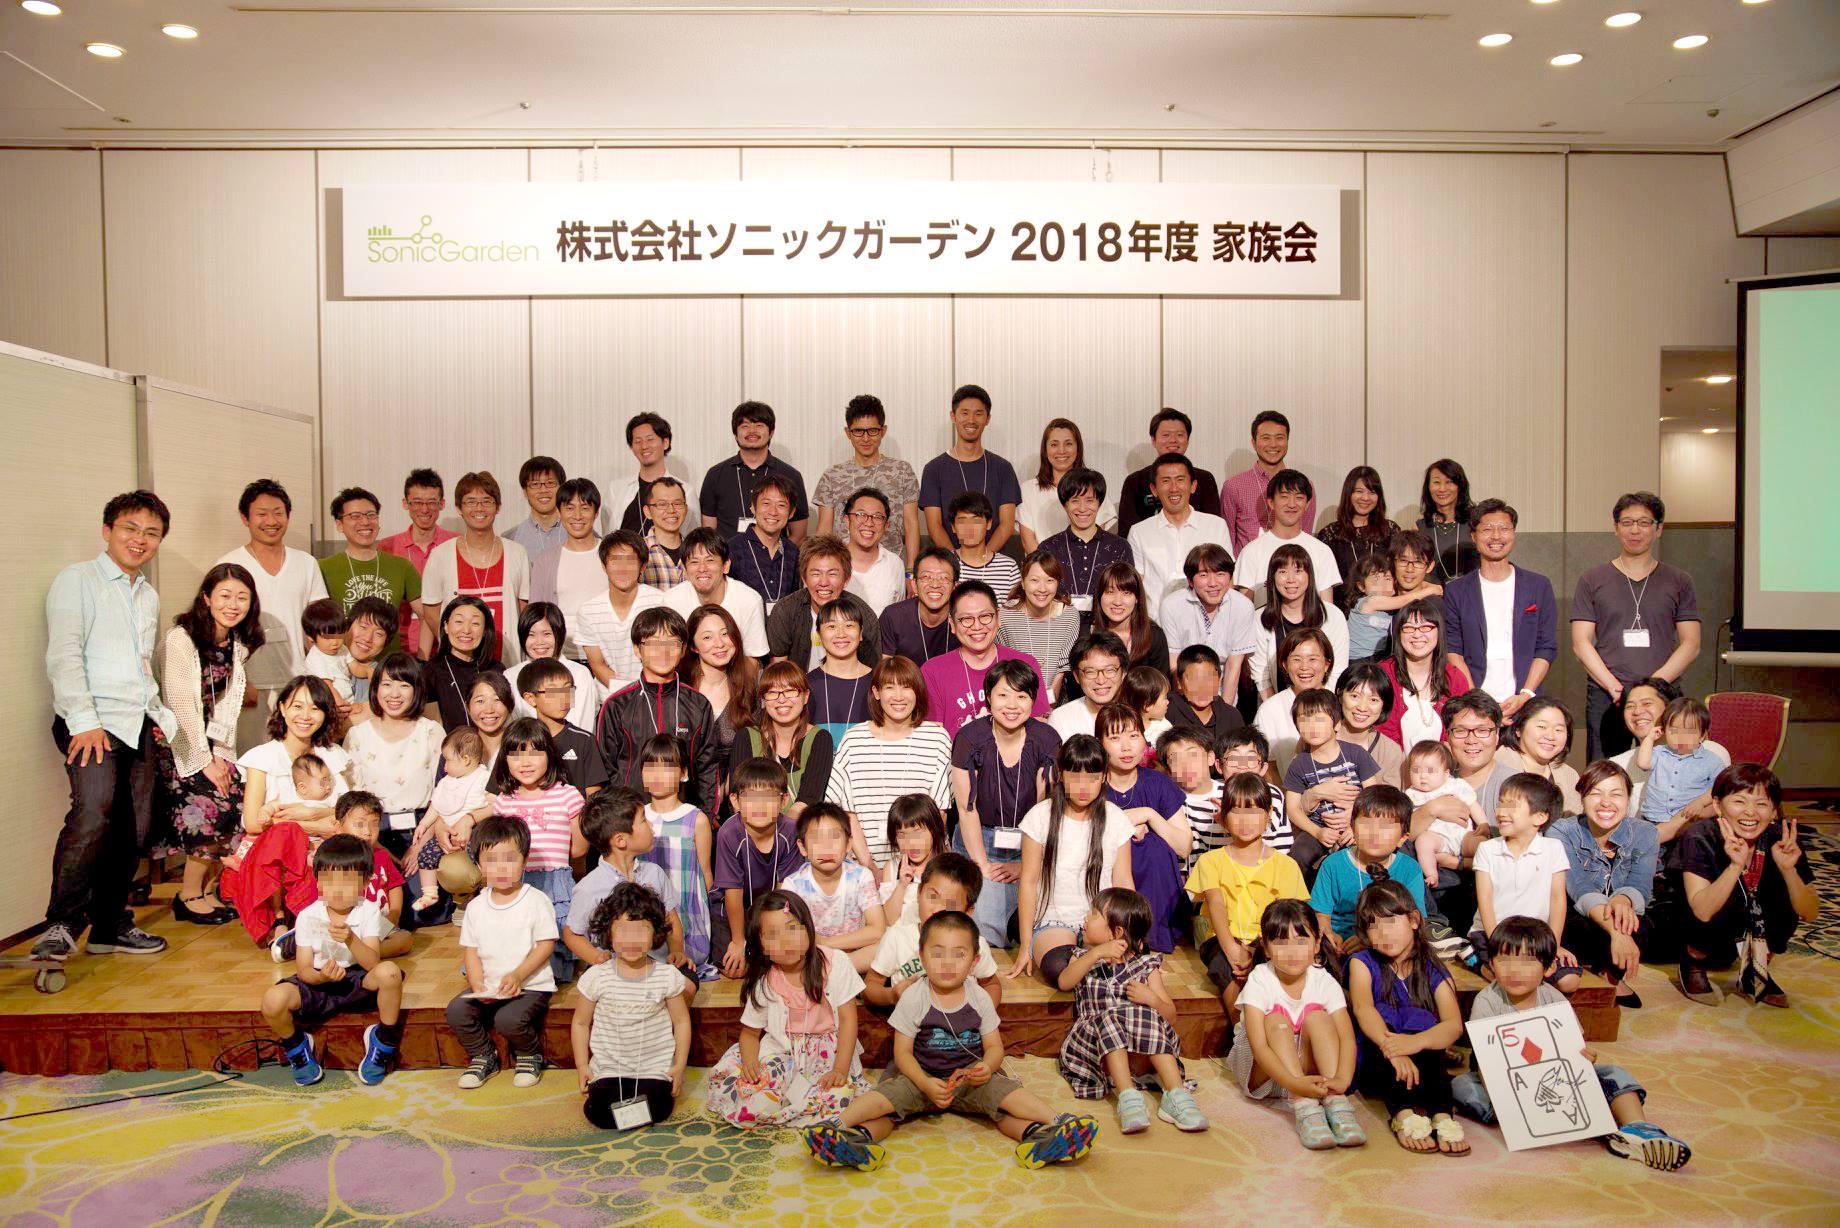 ソニックガーデン家族会2018~ホテルでビュッフェパーティー~